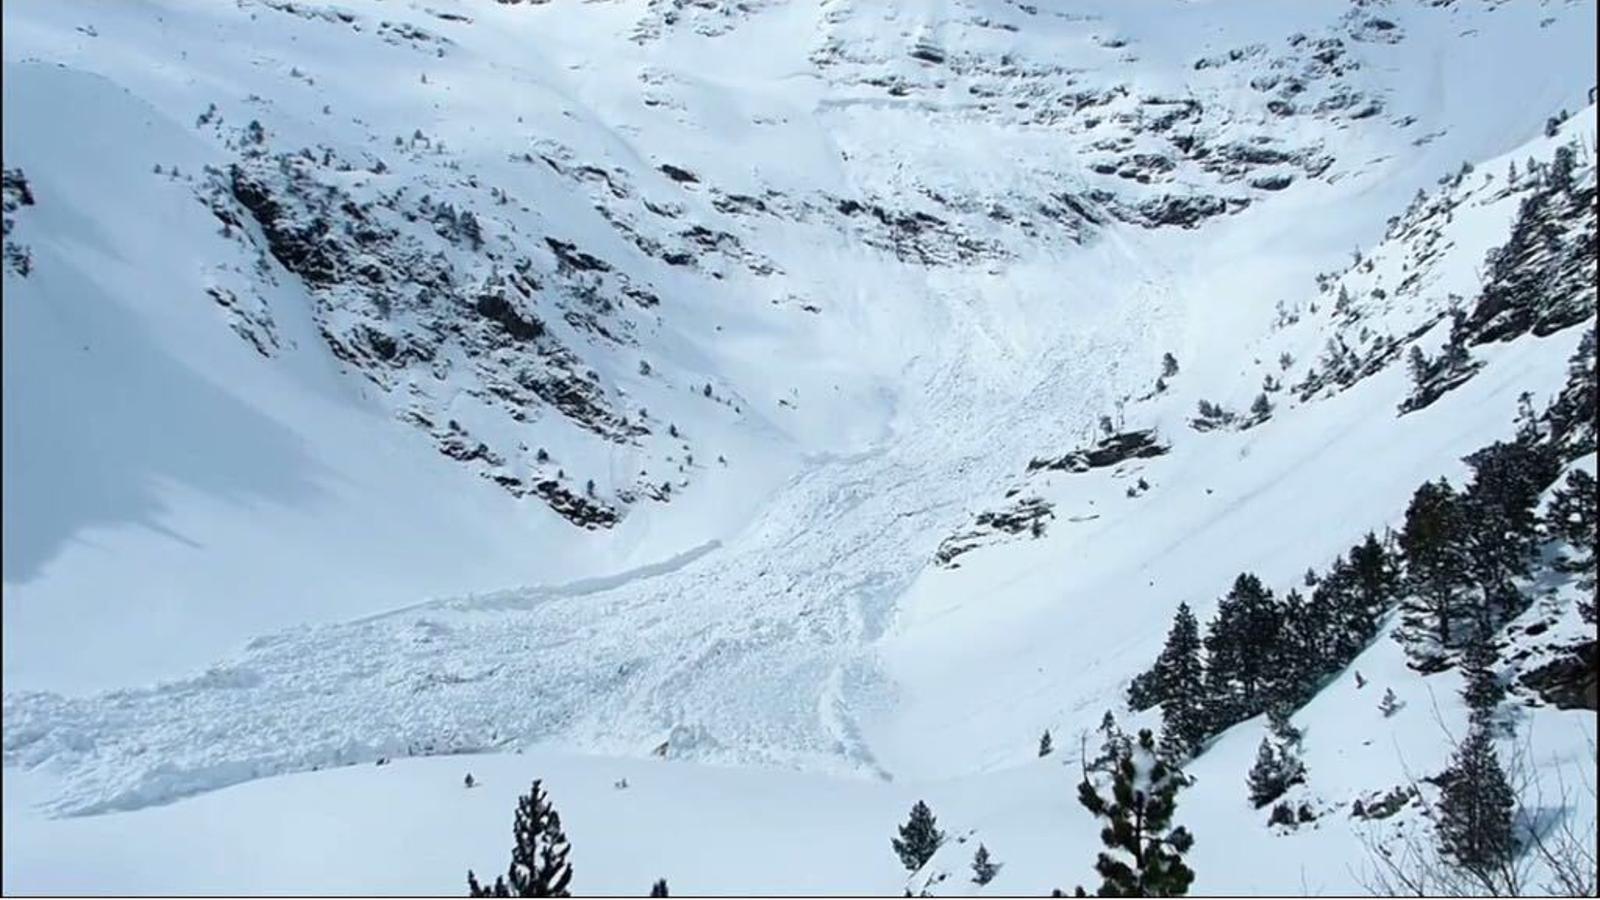 El refugi del Pla de l'Estany, a Arinsal, colgat per la neu. / MTB Aventures-Tramuntanya